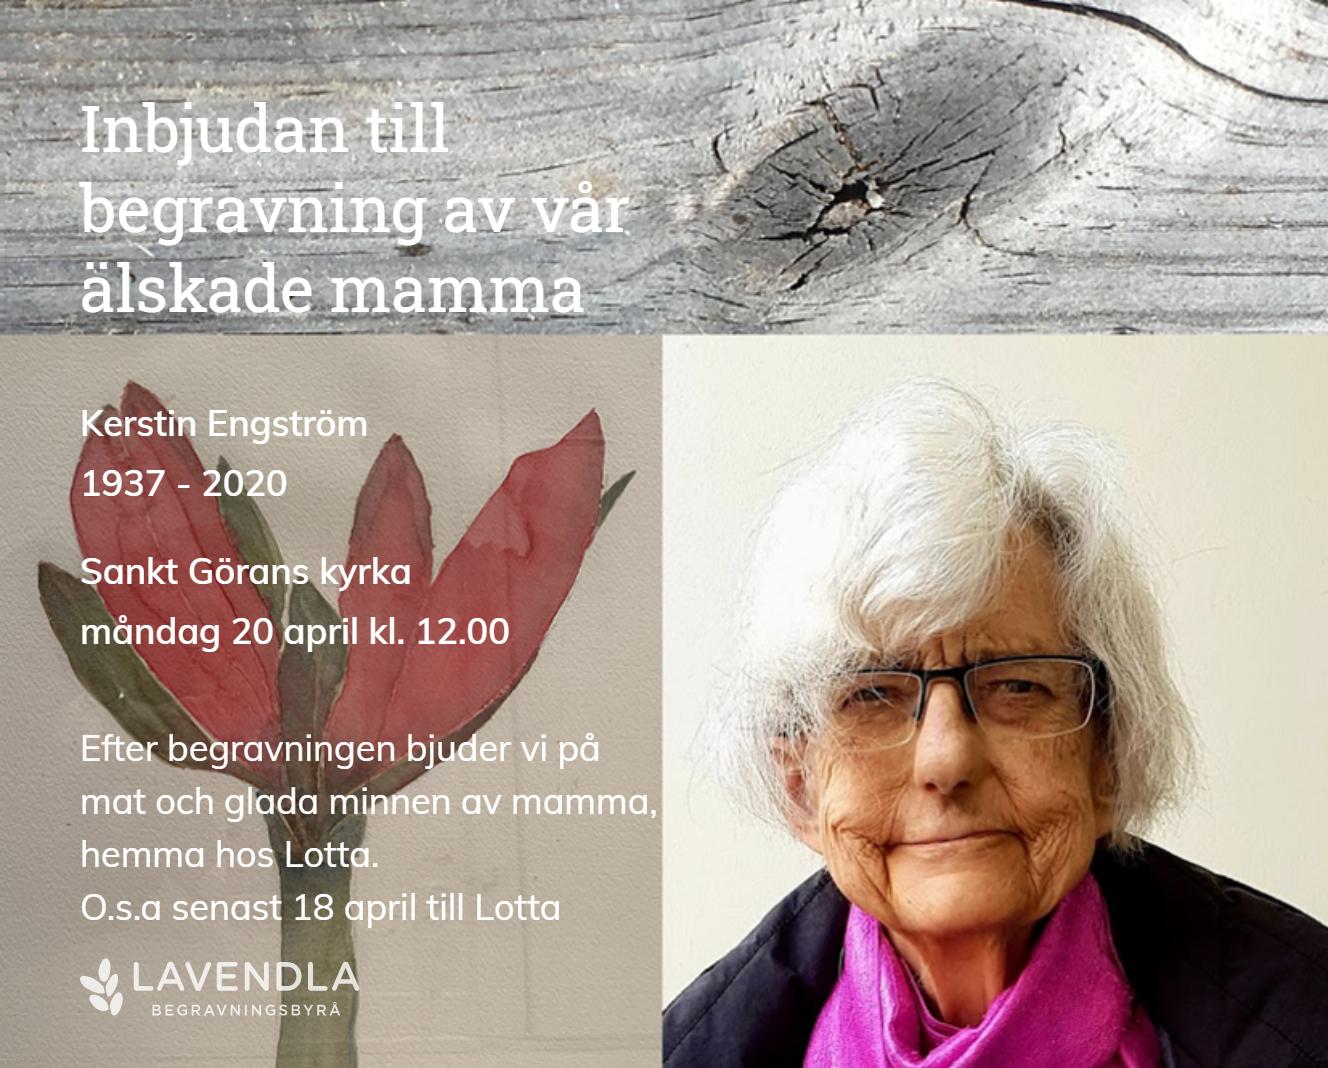 Inbjudningskort till ceremonin för Kerstin Engström